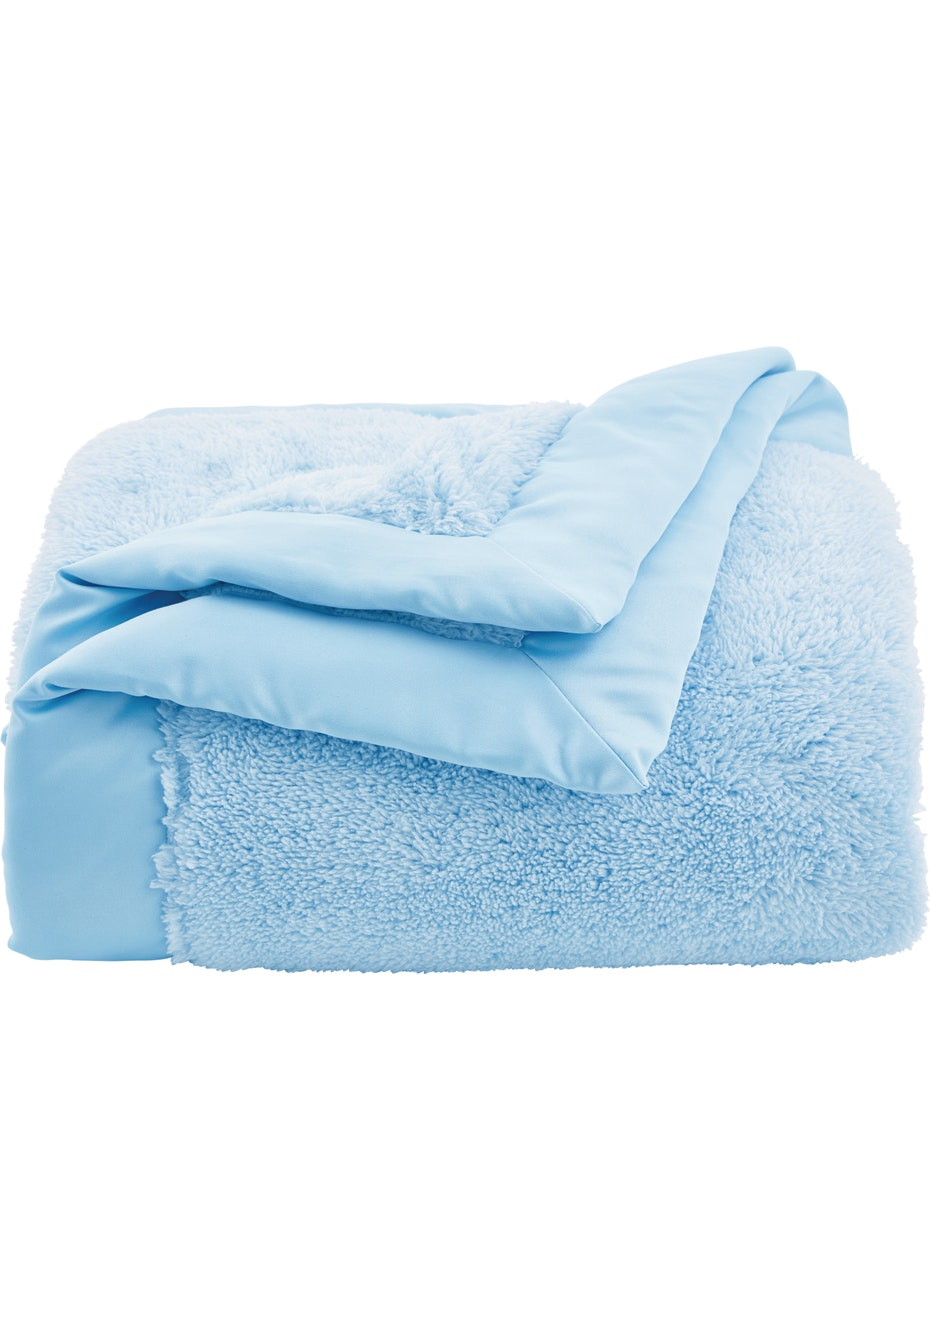 Sheridan - Plushie - Polyester Satin Bound Blanket - Haze